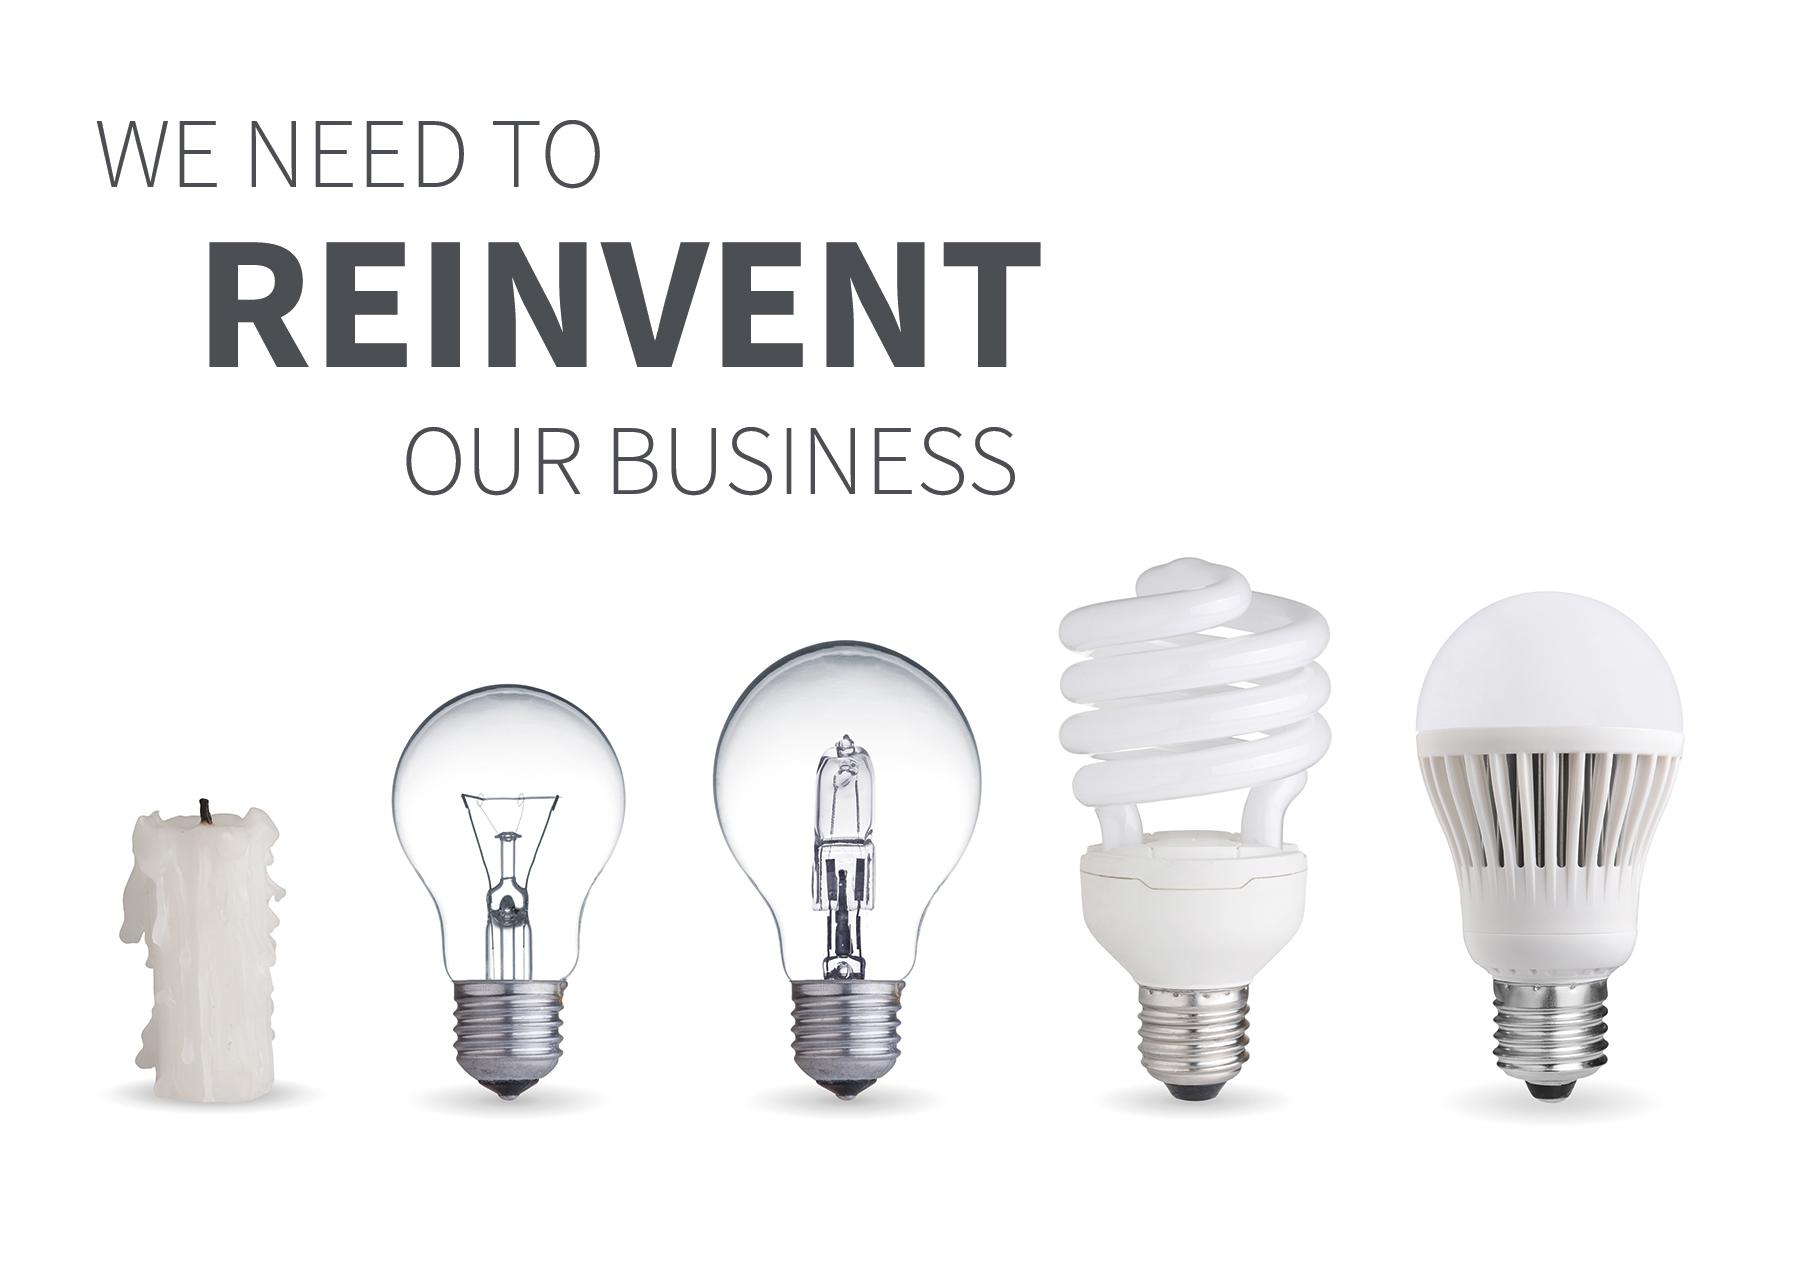 Outcome 6 - Reinvent